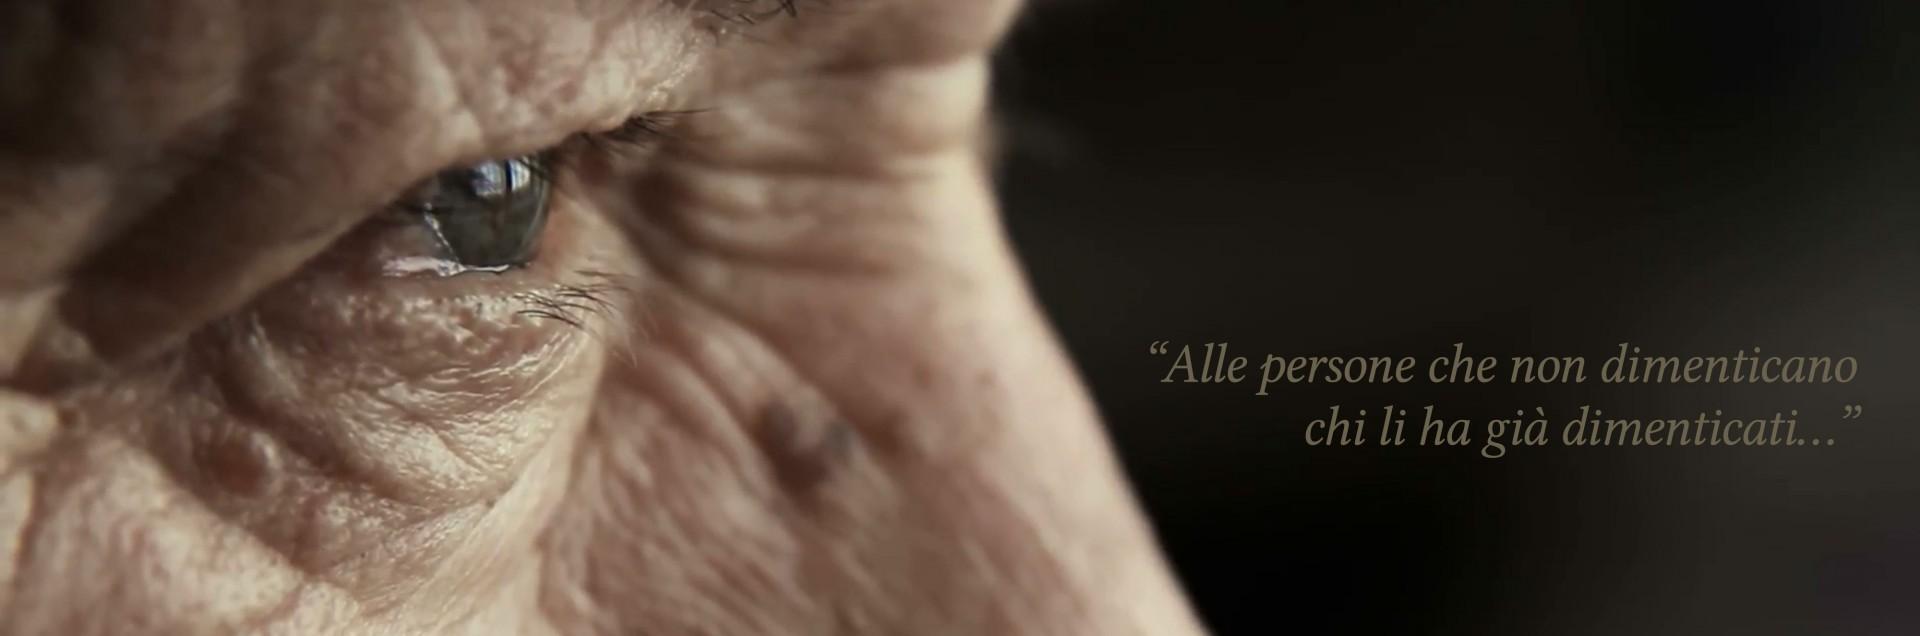 Quelli che restano:<br> convivere con l'Alzheimer